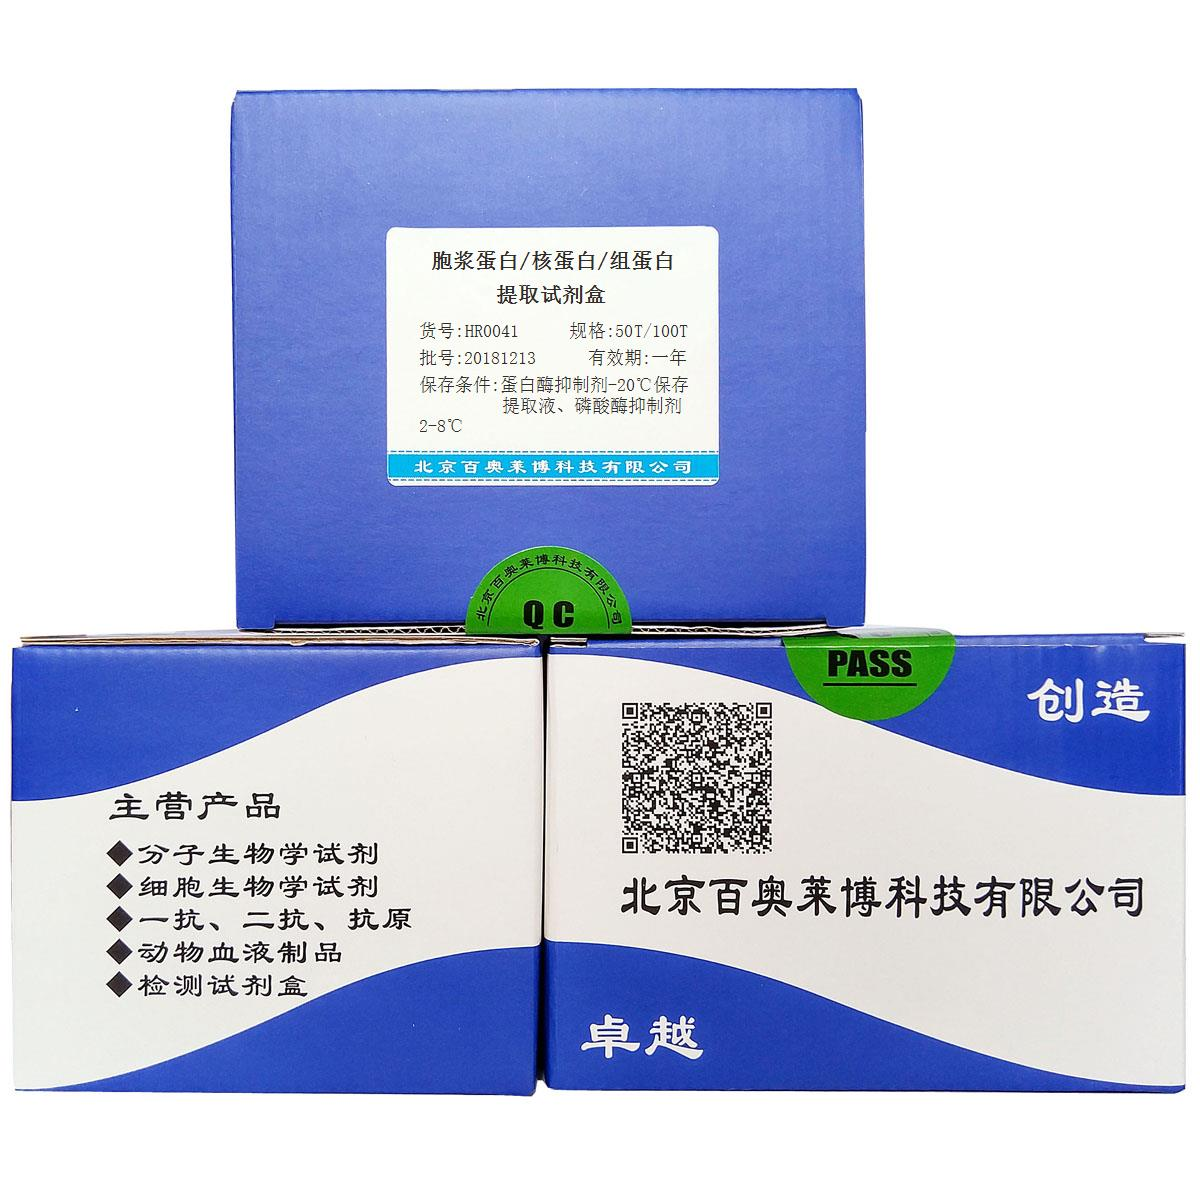 胞浆蛋白/核蛋白/组蛋白提取试剂盒